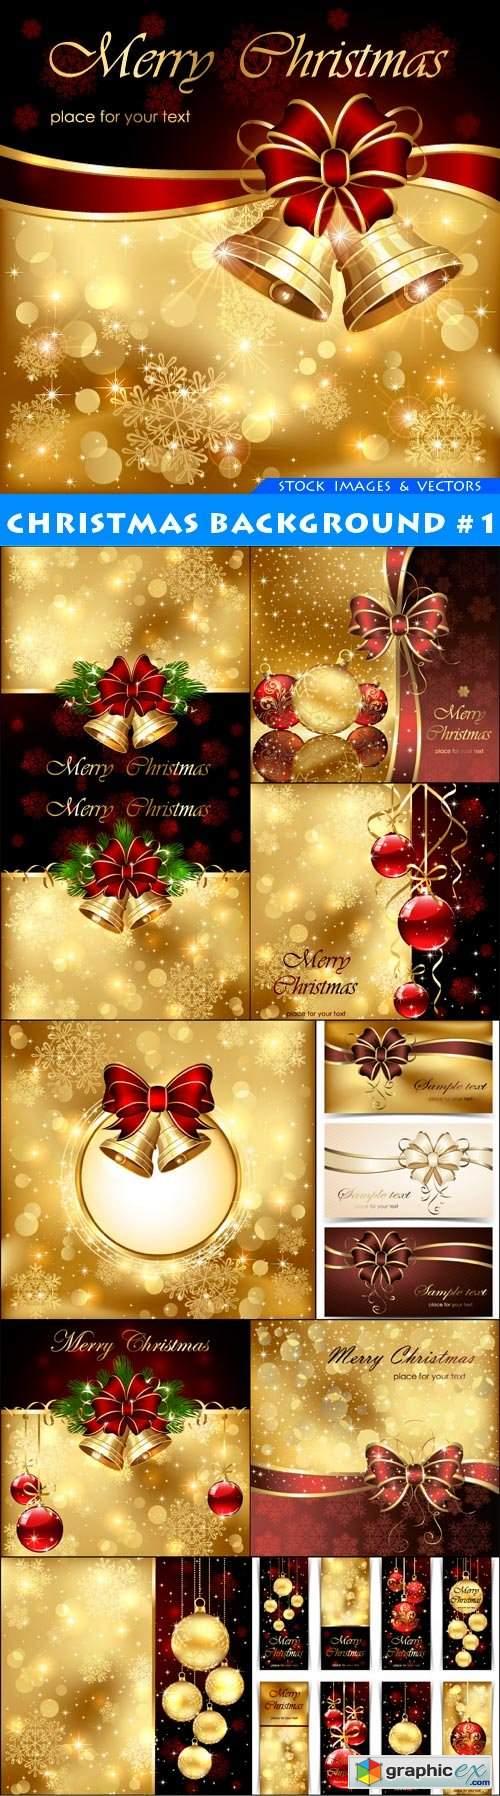 Christmas background #1 11X EPS